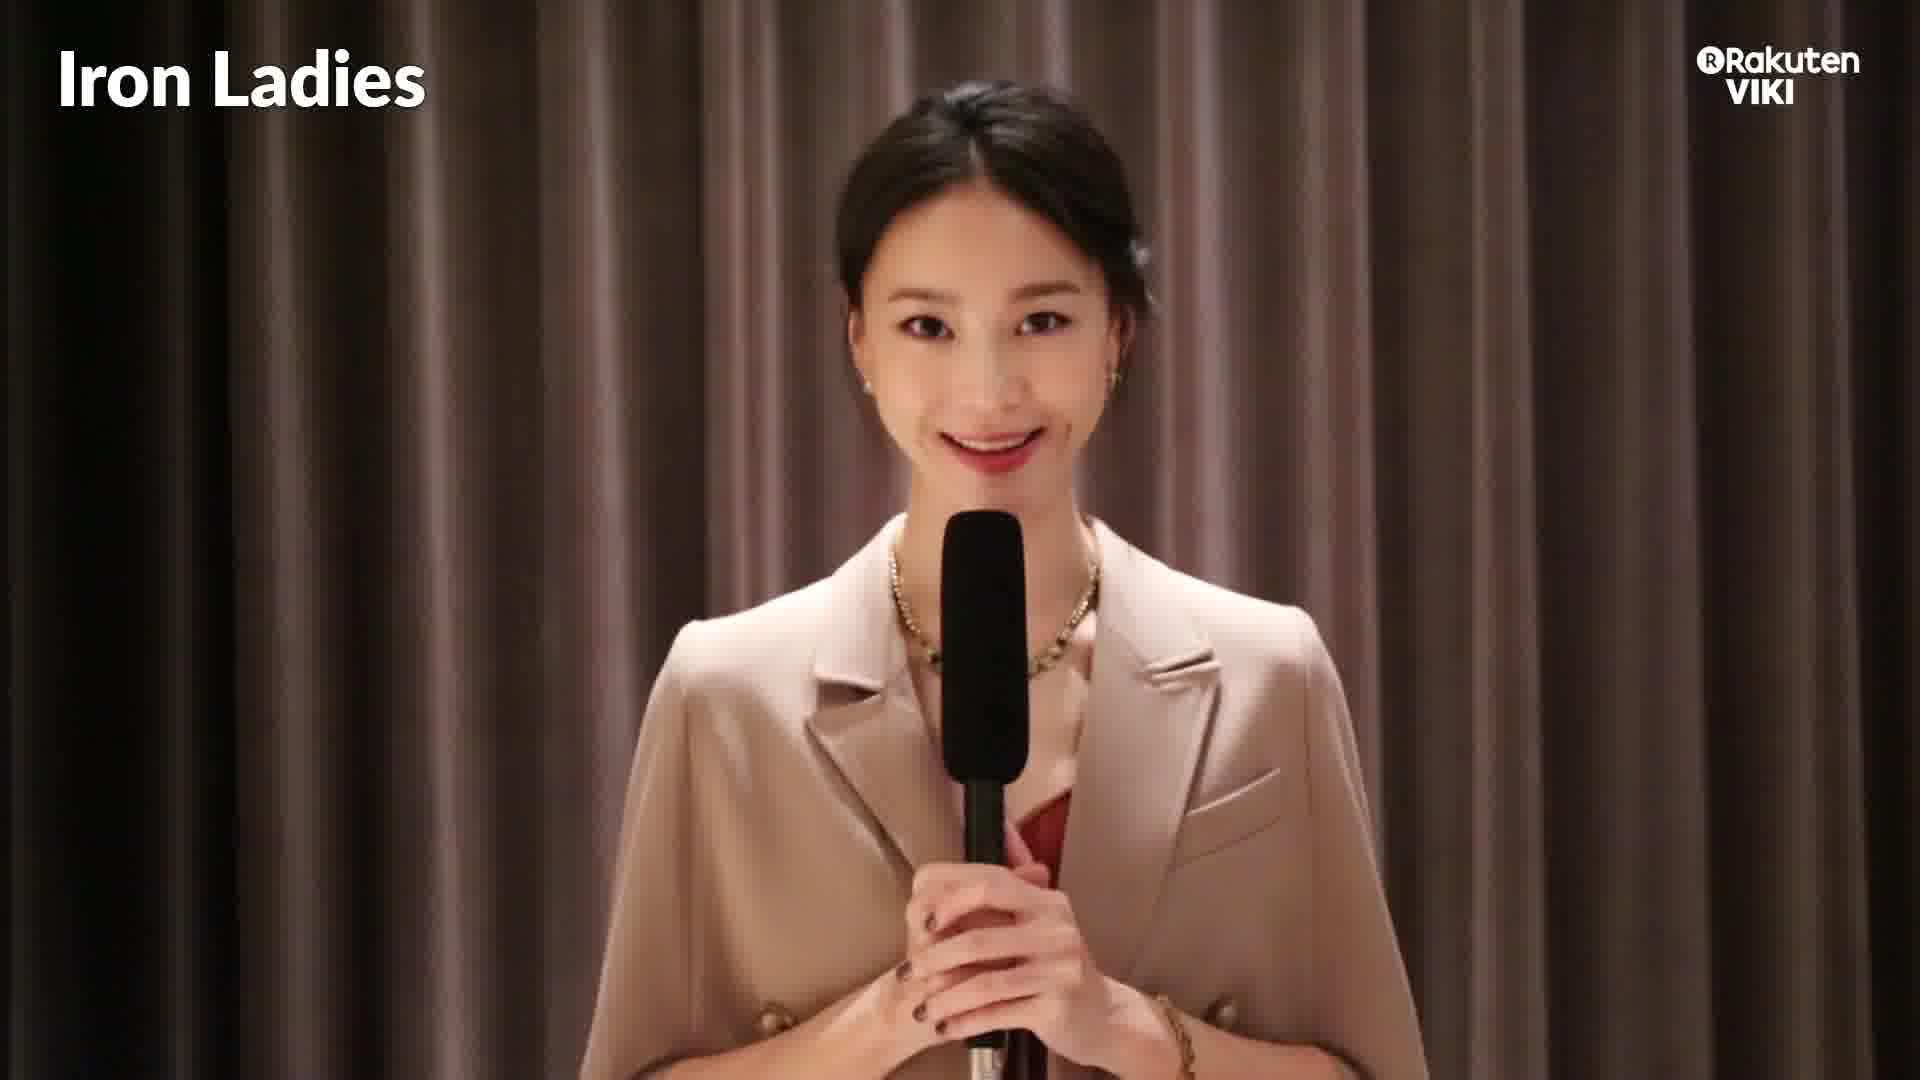 Aviis Zhong's Shoutout to Viki Fans: Mujeres de hierro